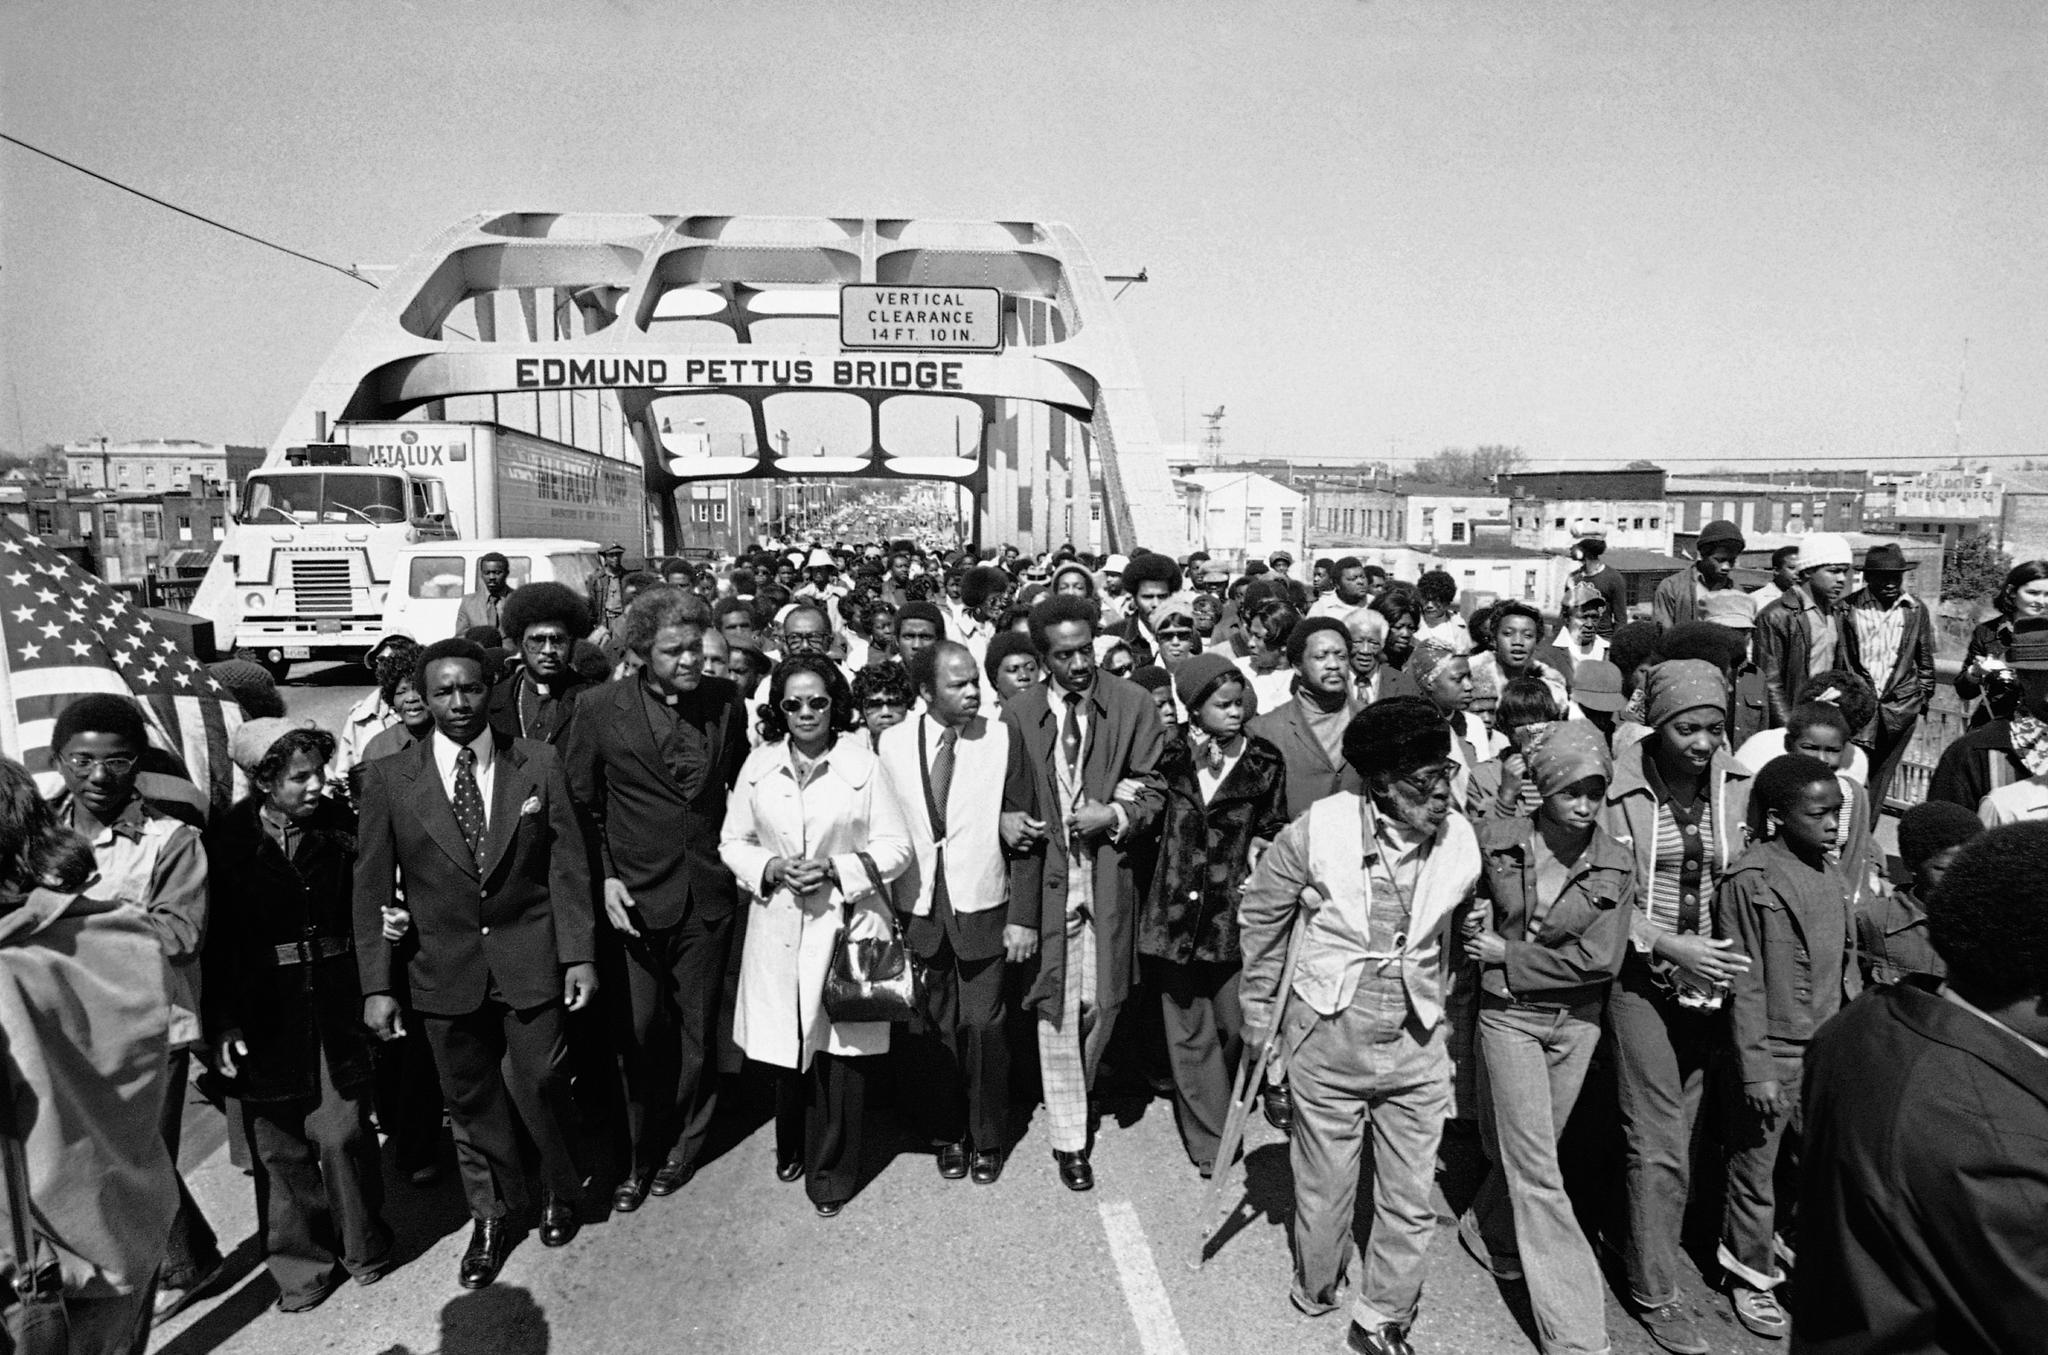 Gente marchando en un puente (Anonymous/AP Images)